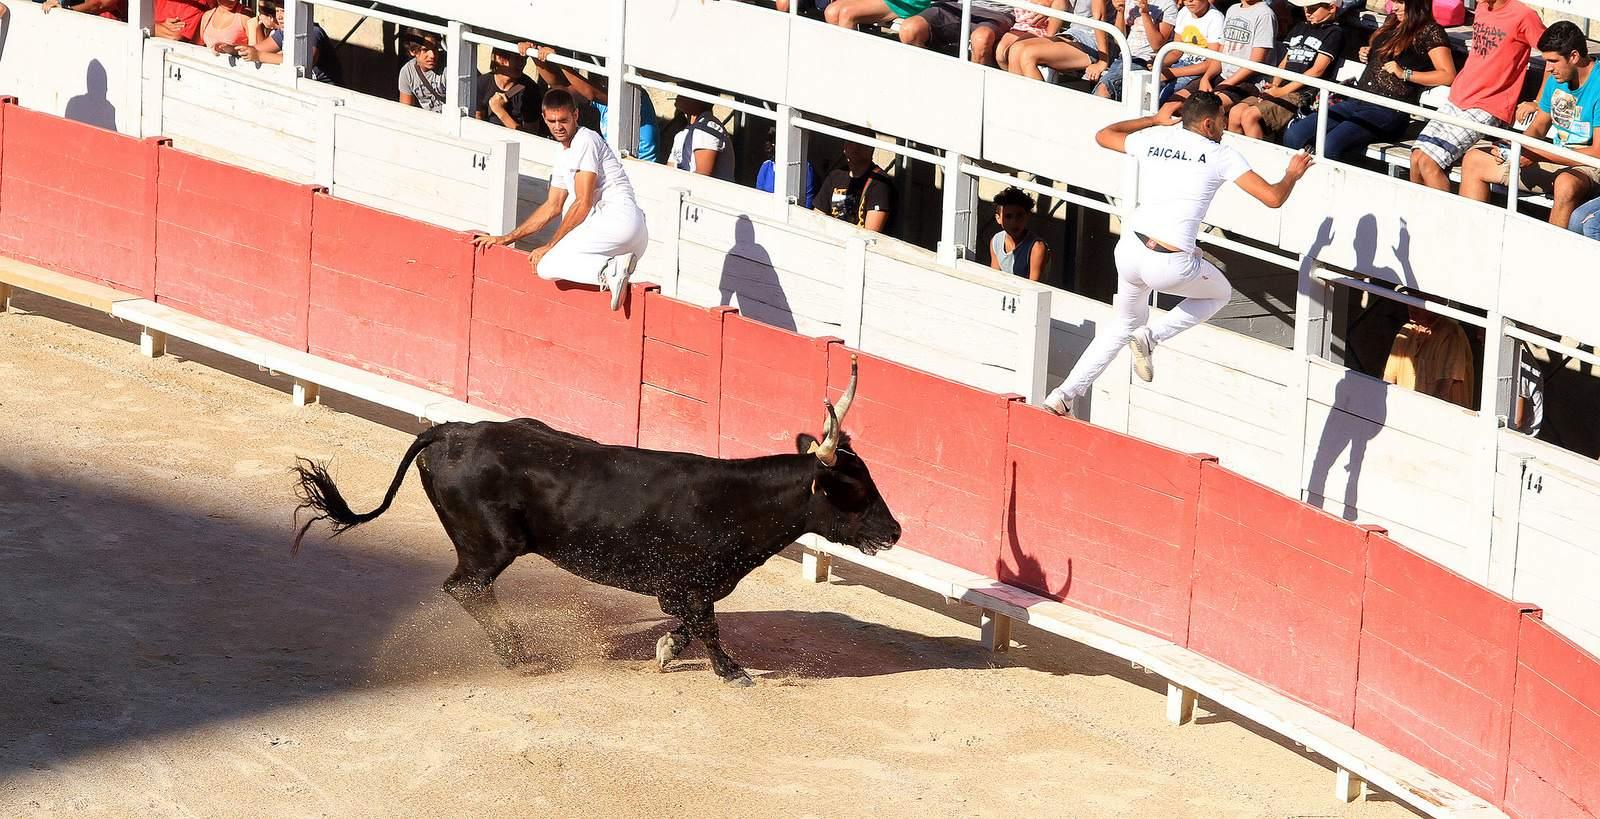 arles5 Bull Fighting in Arles Arena